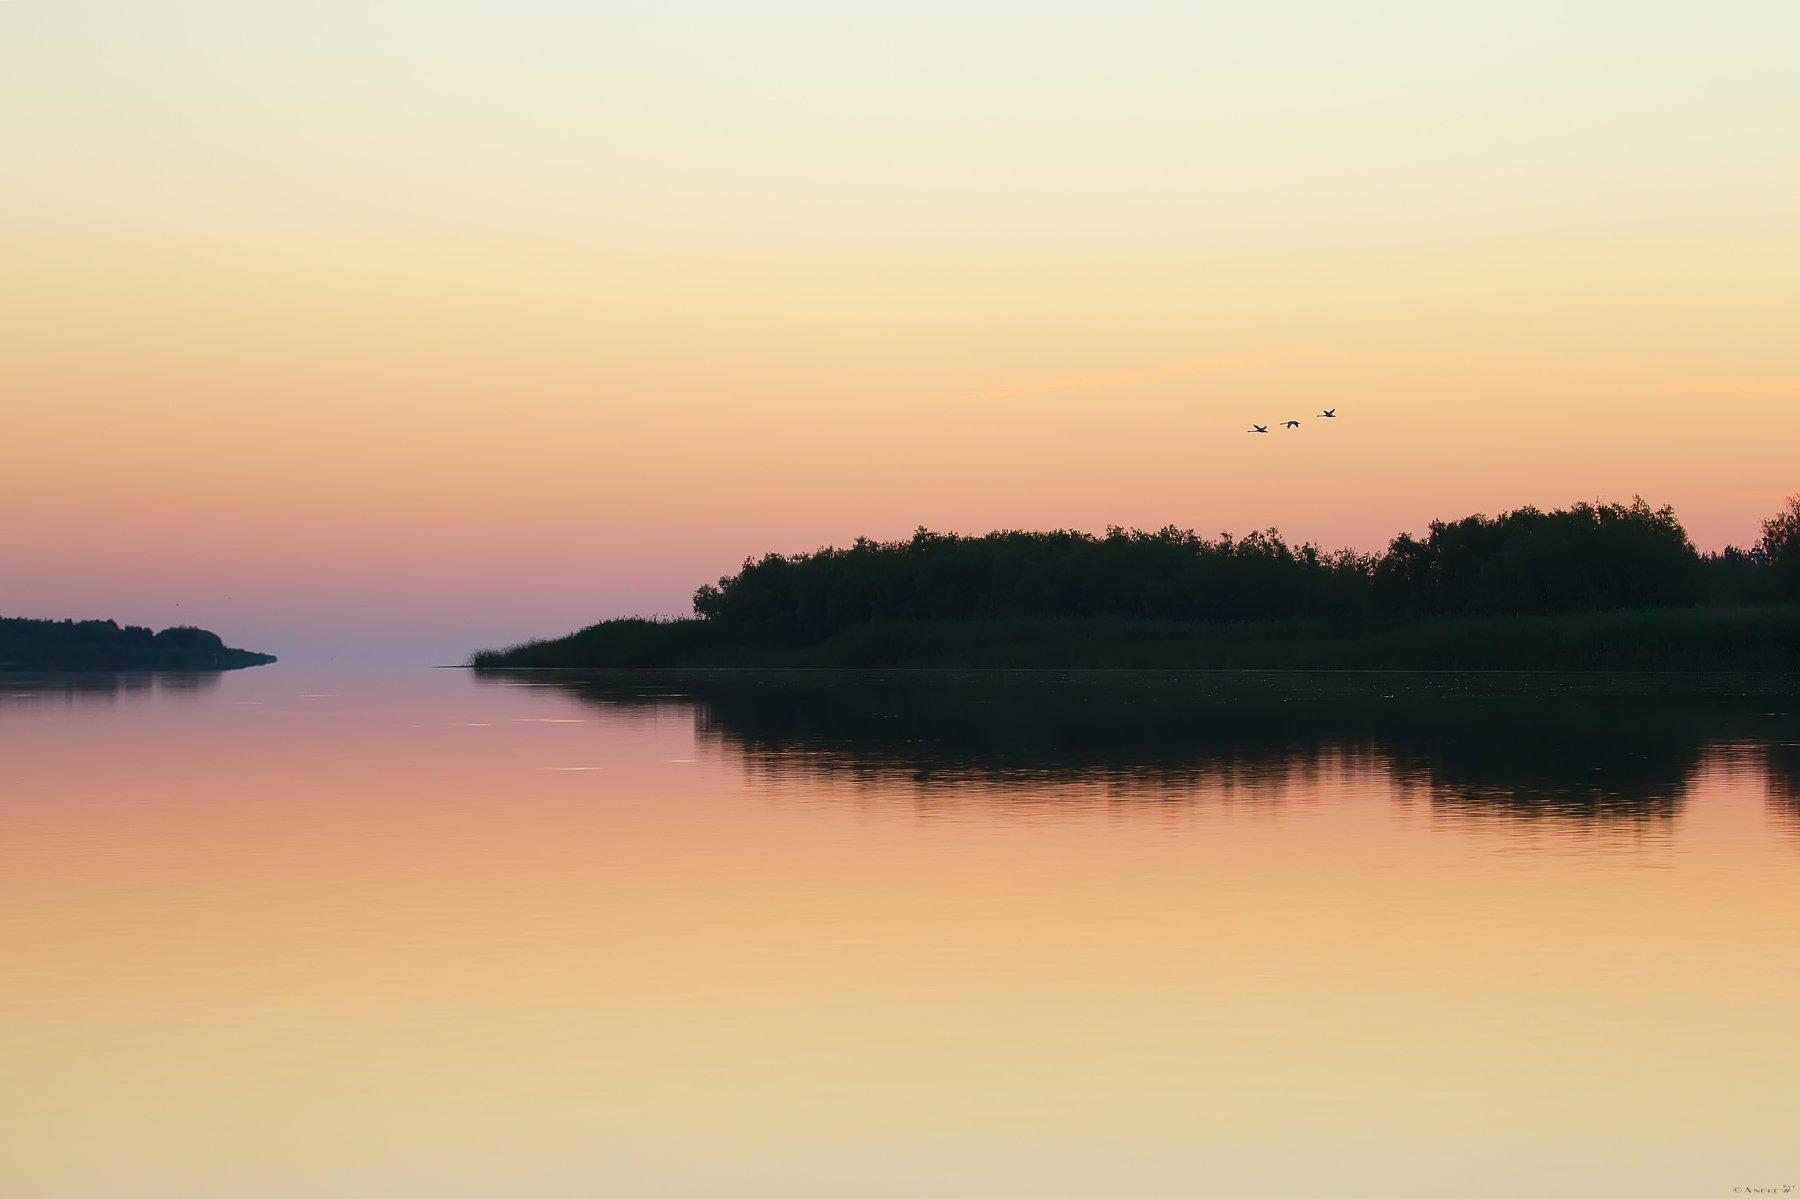 утро,река,Дунай,природа, Andrew Key